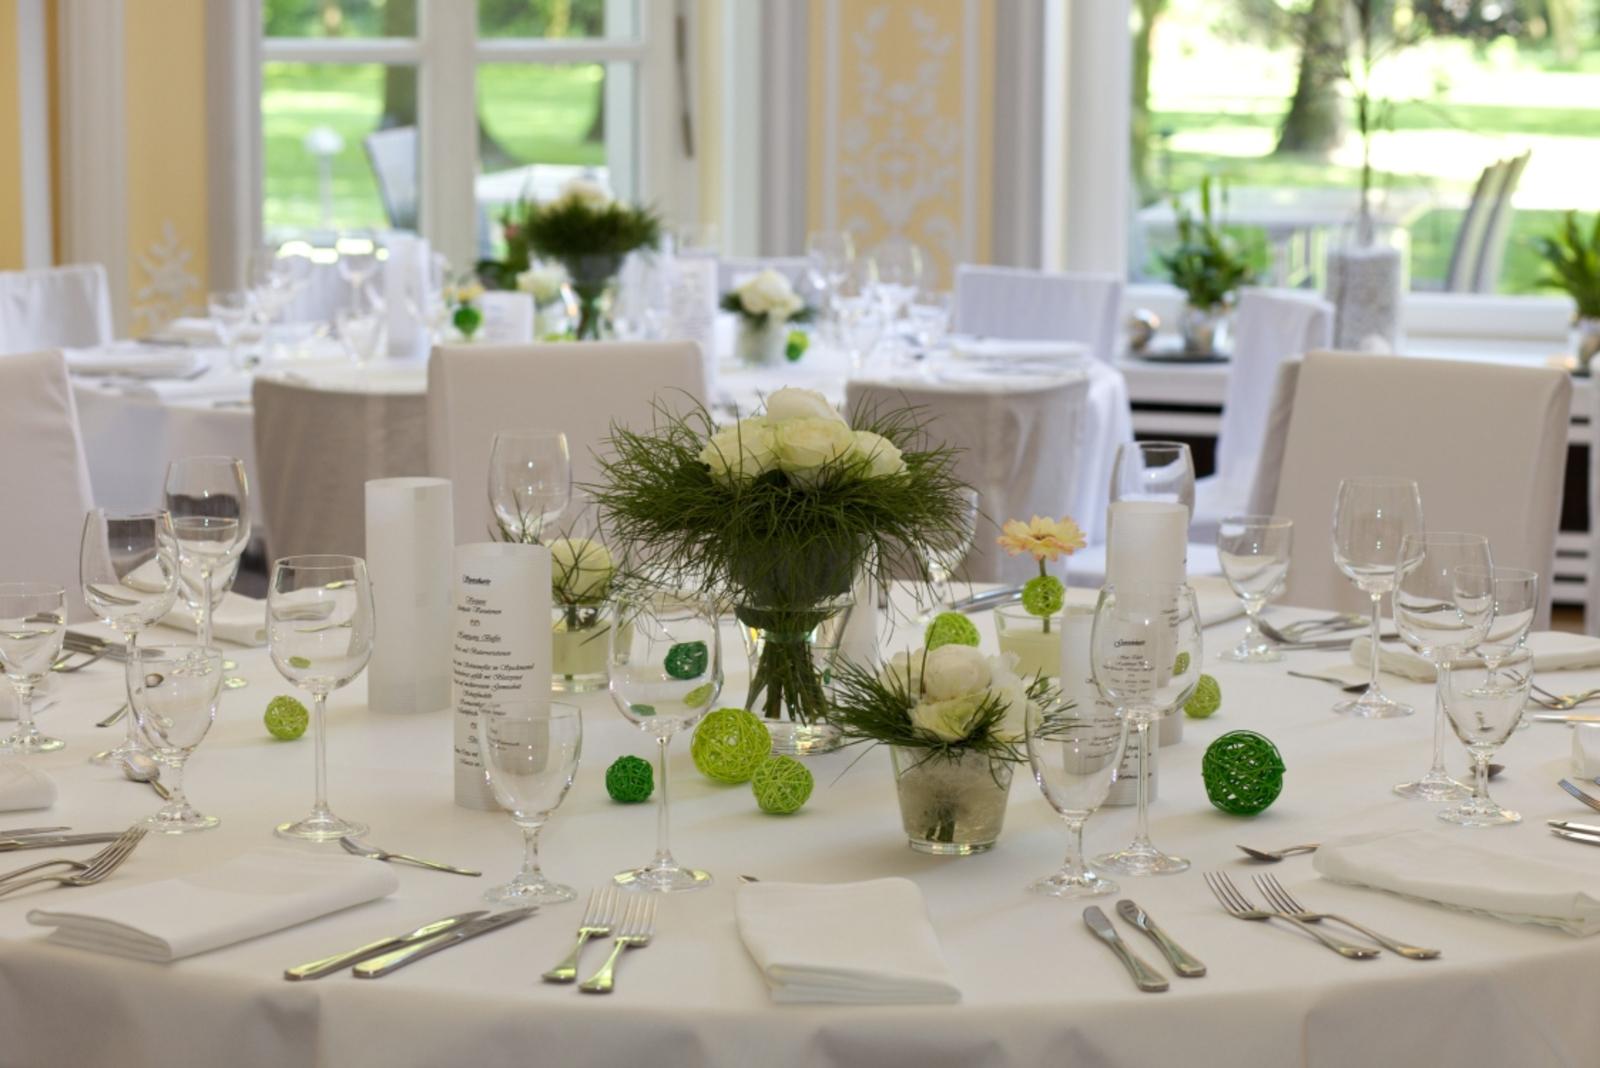 Tischdeko inspirationen f r die hochzeitsfeier wir for Floristik tischdeko